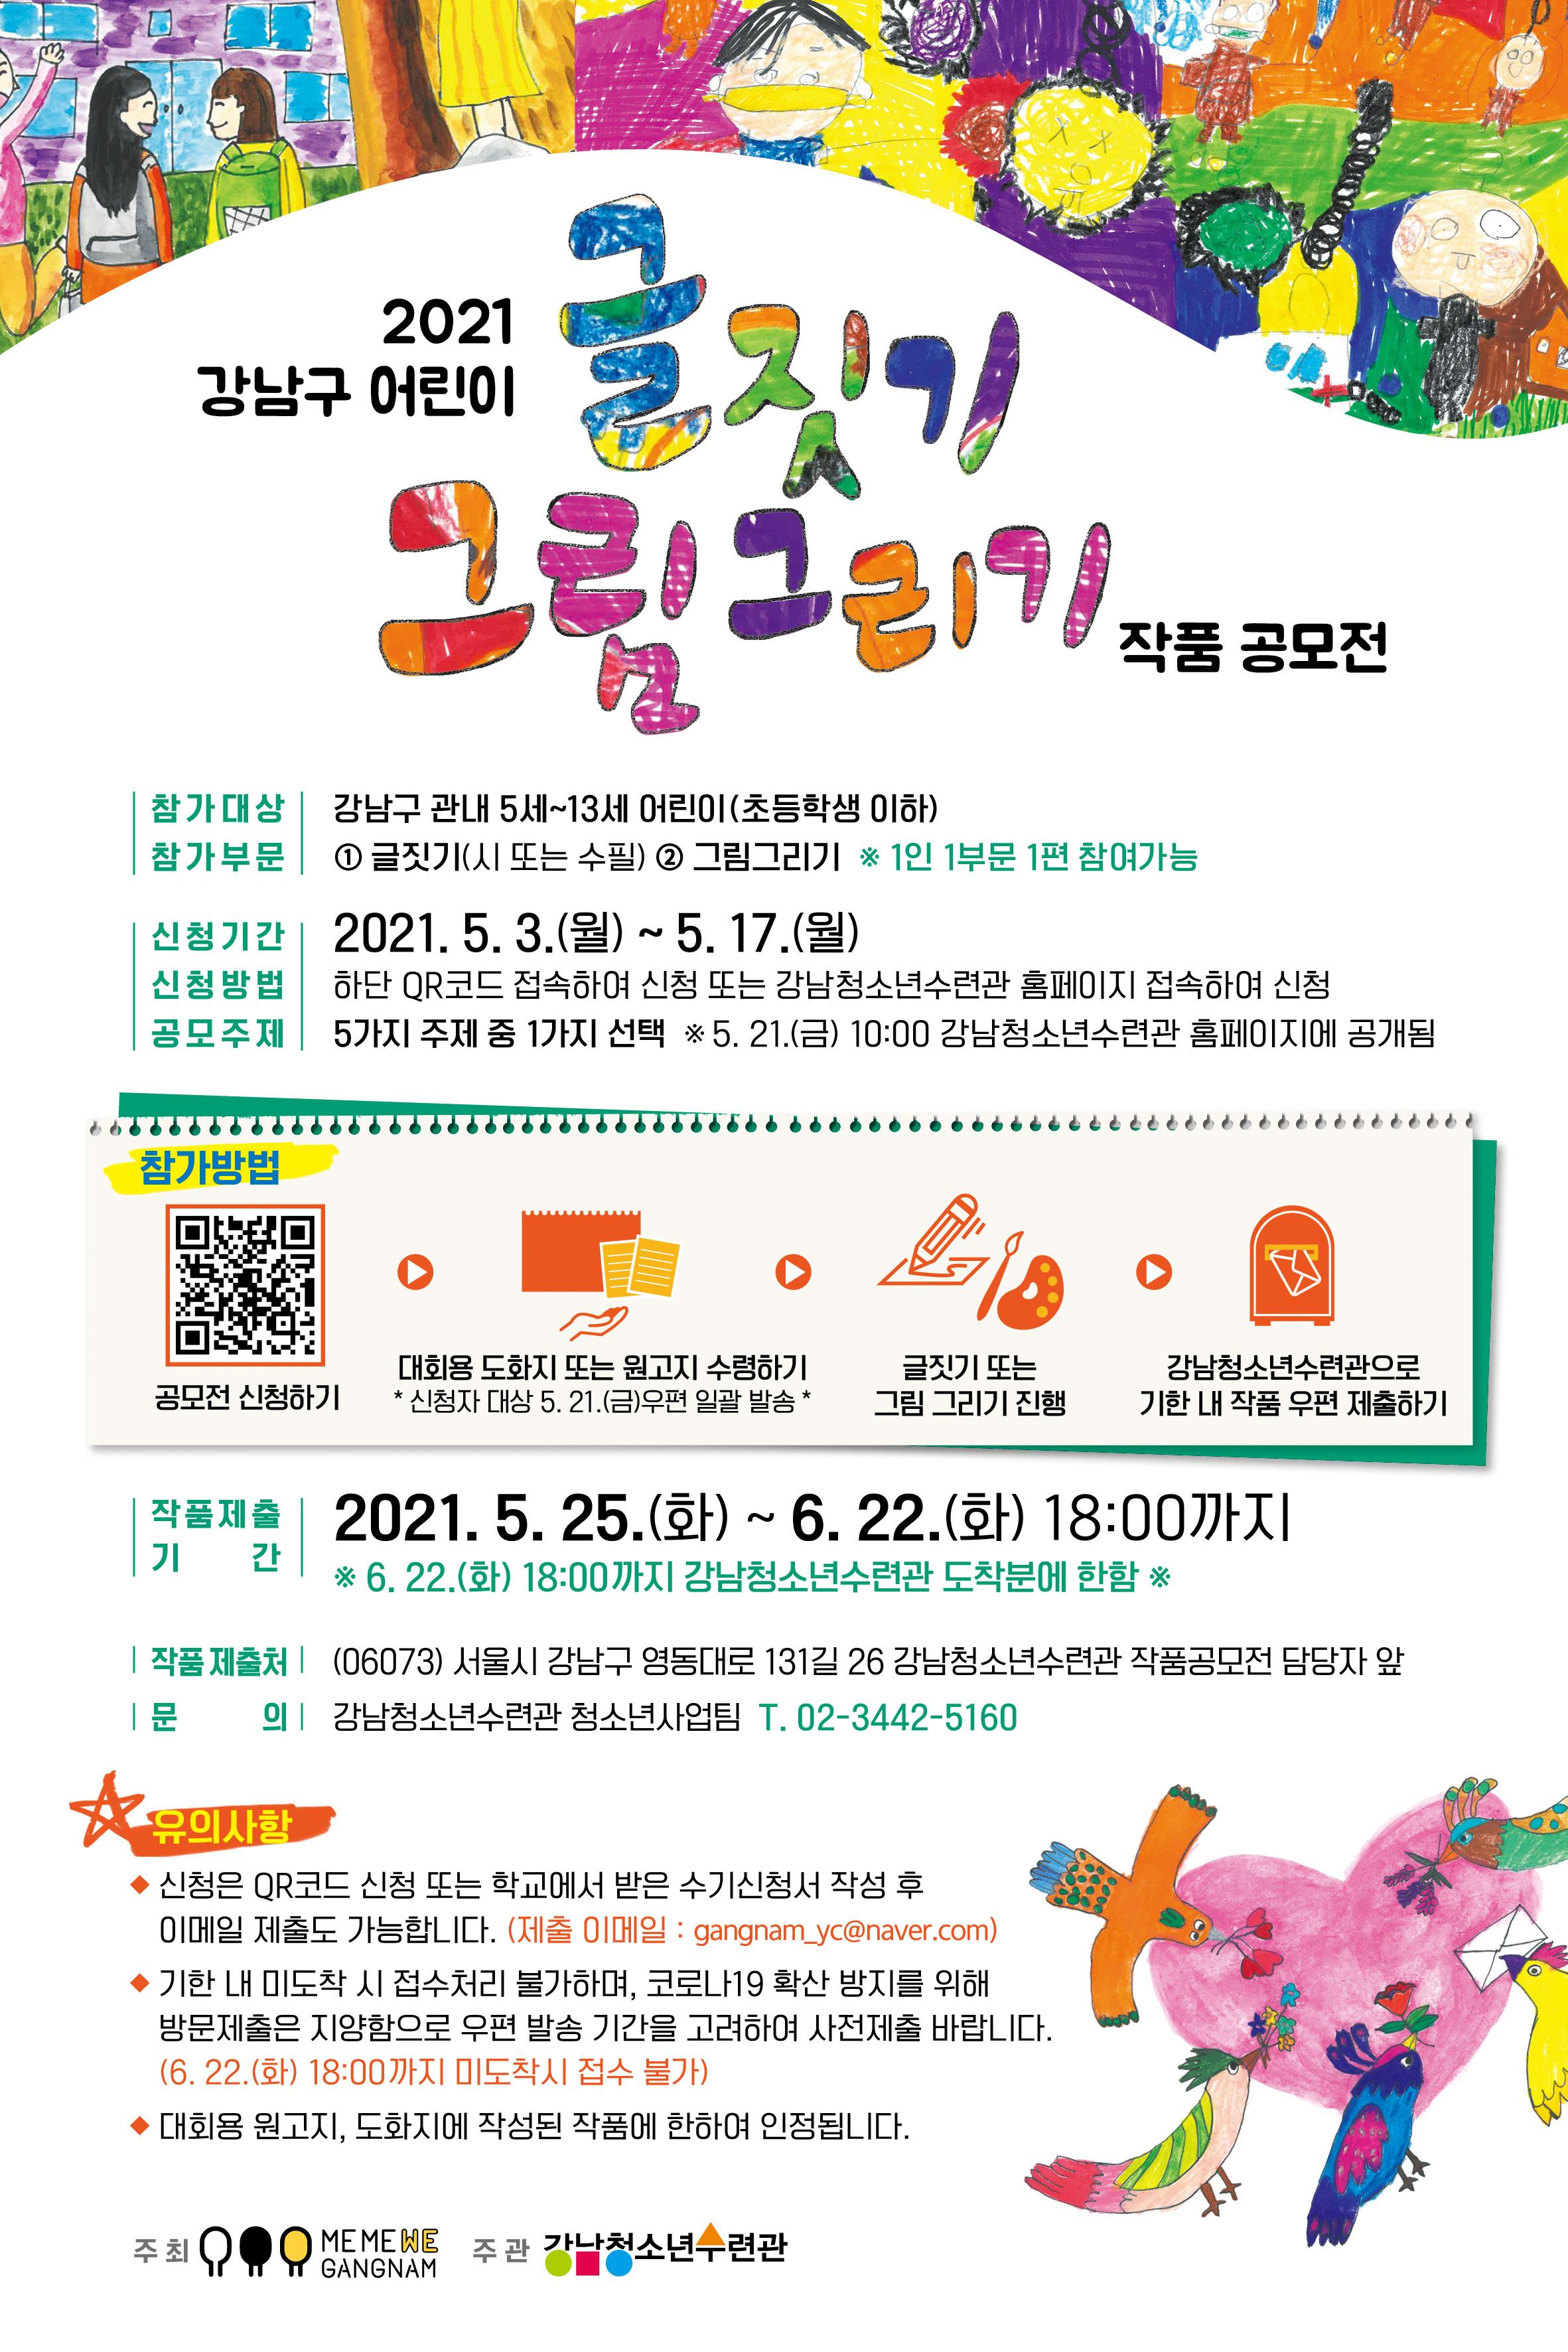 ~5.17, 강남구 어린이 글짓기‧그림그리기 작품공모전 참가자 모집